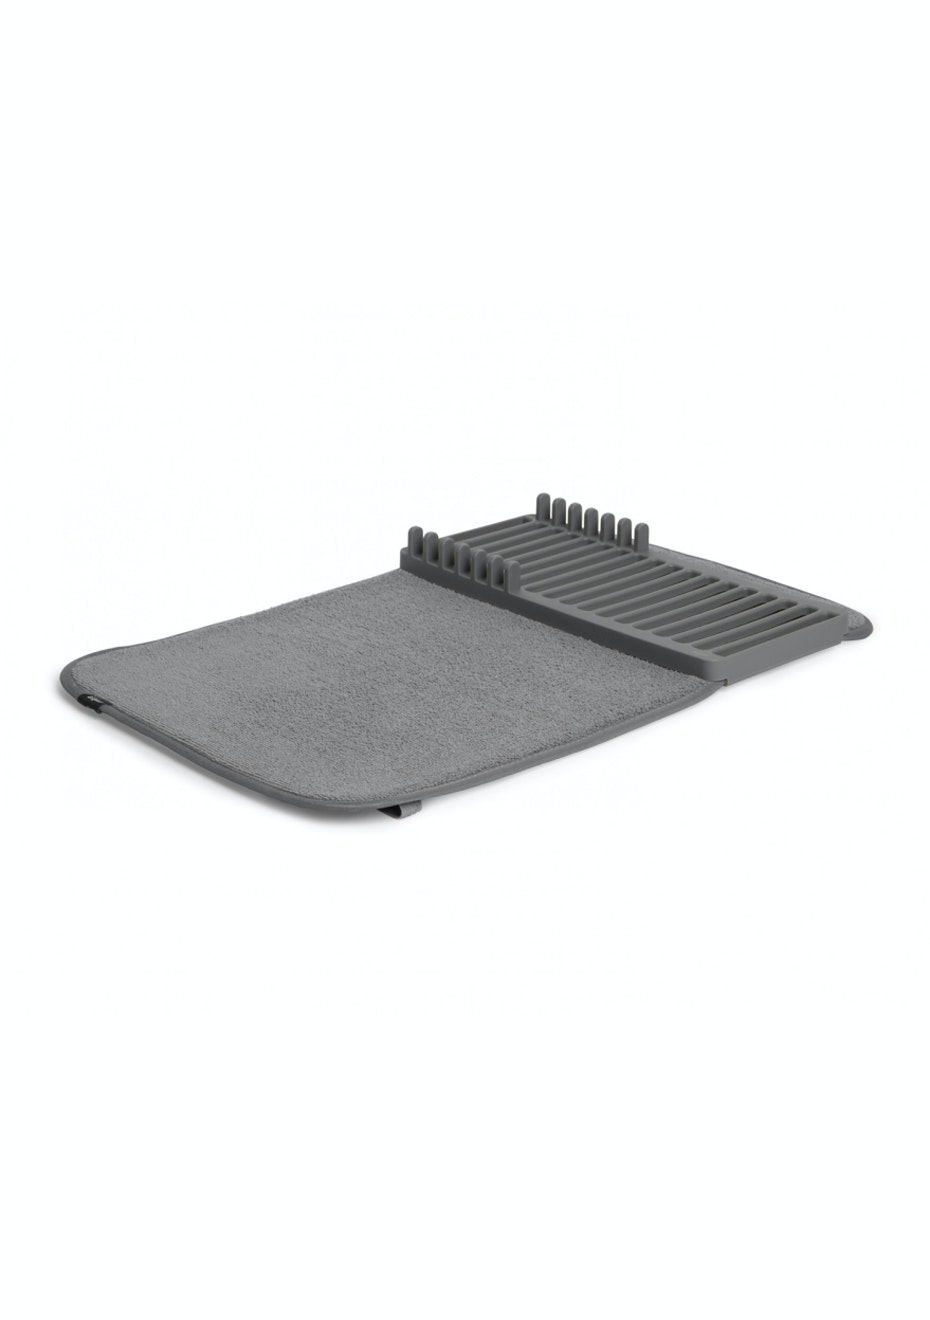 Umbra - Udry Drying Mat Mini  - Charcoal